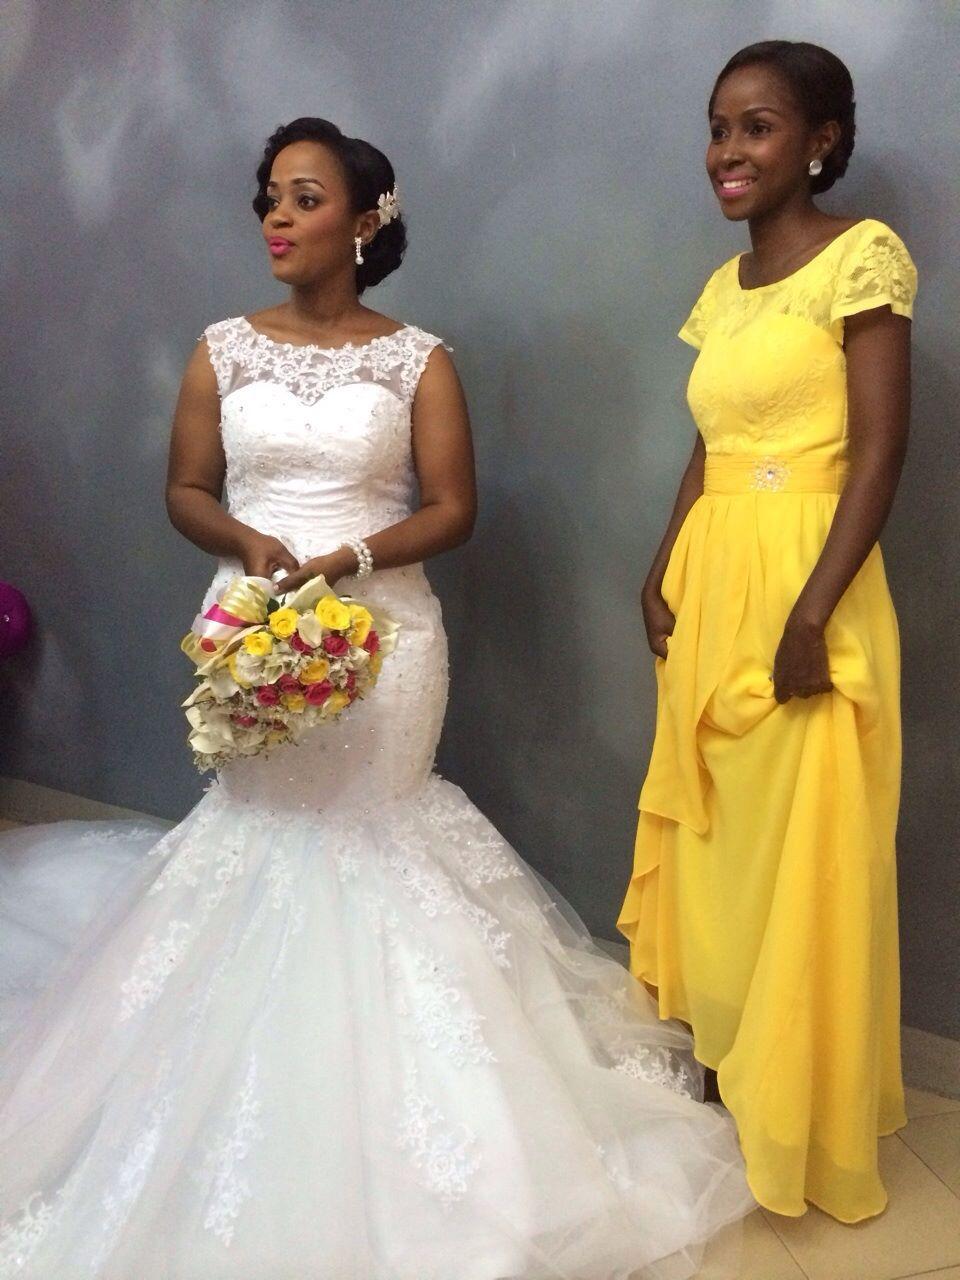 Kaunis siskoni meni naimisiin, olen onnellinen vaikka en päässykään häihin.